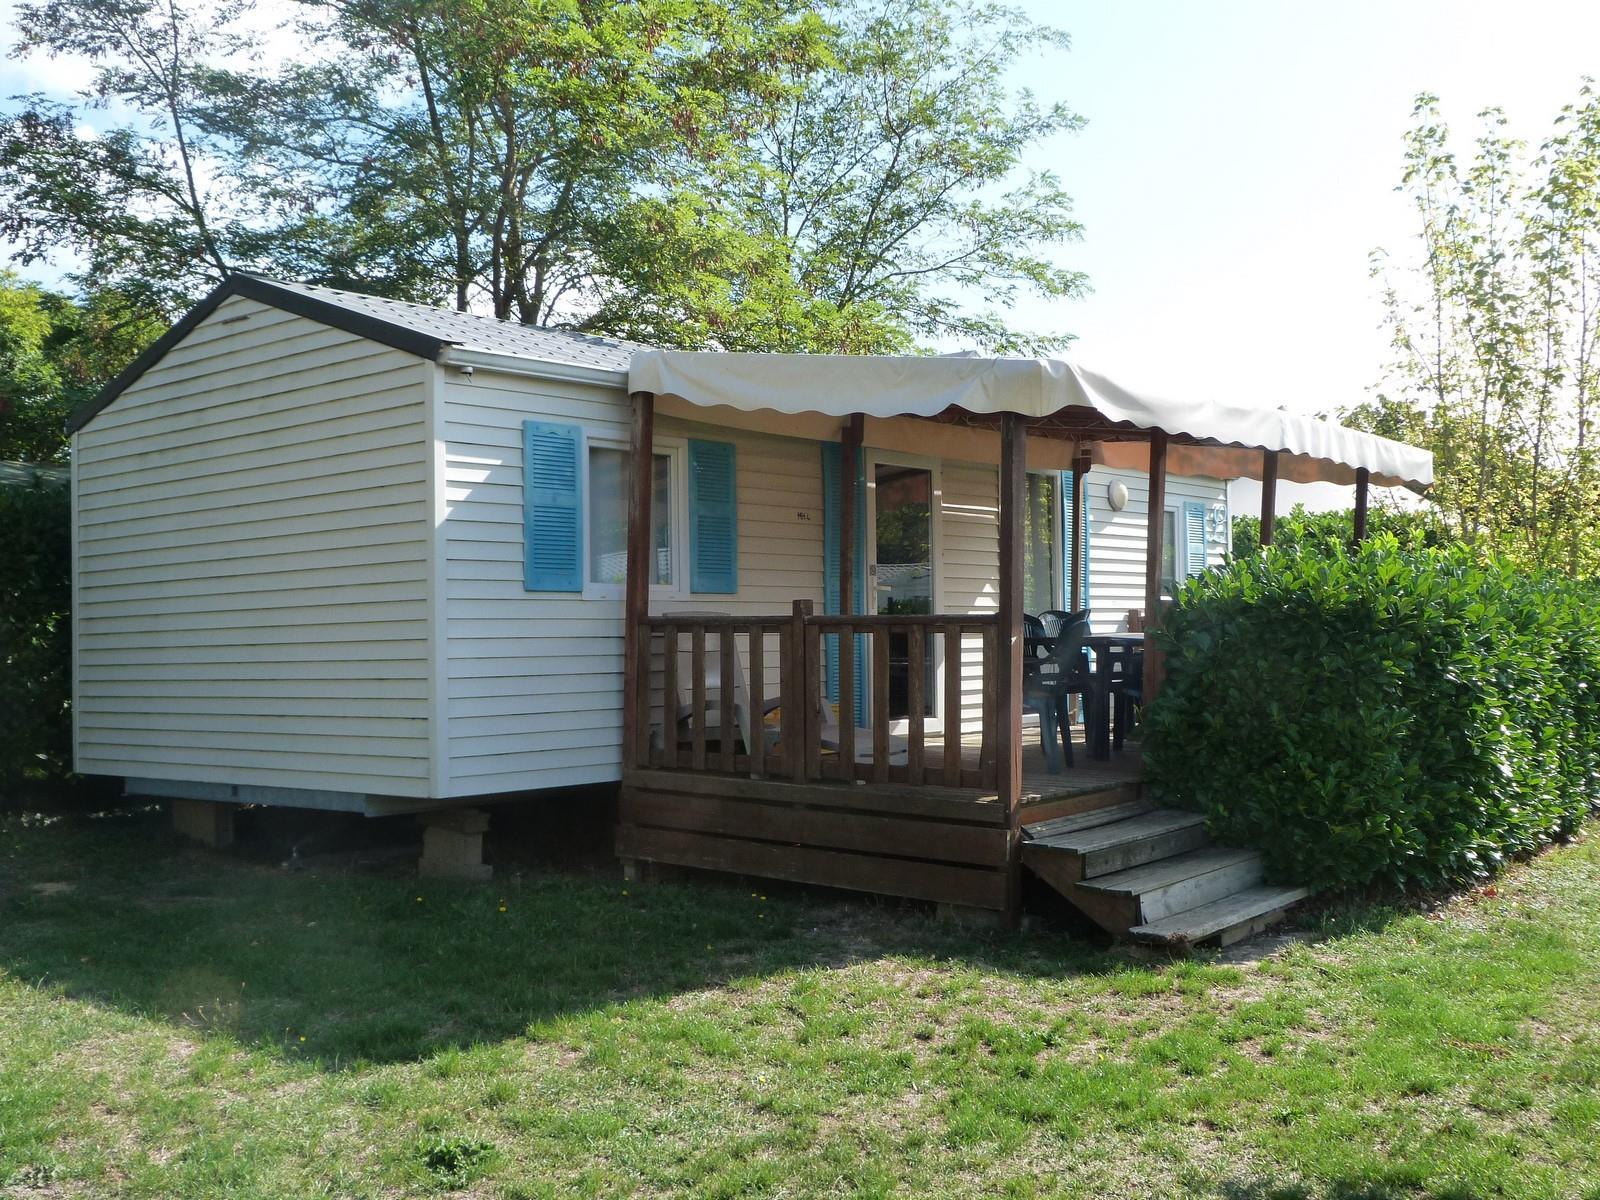 Mobil-Home 3 chambres + terrasse couverte 14m² (2 Modèles sur le camping)